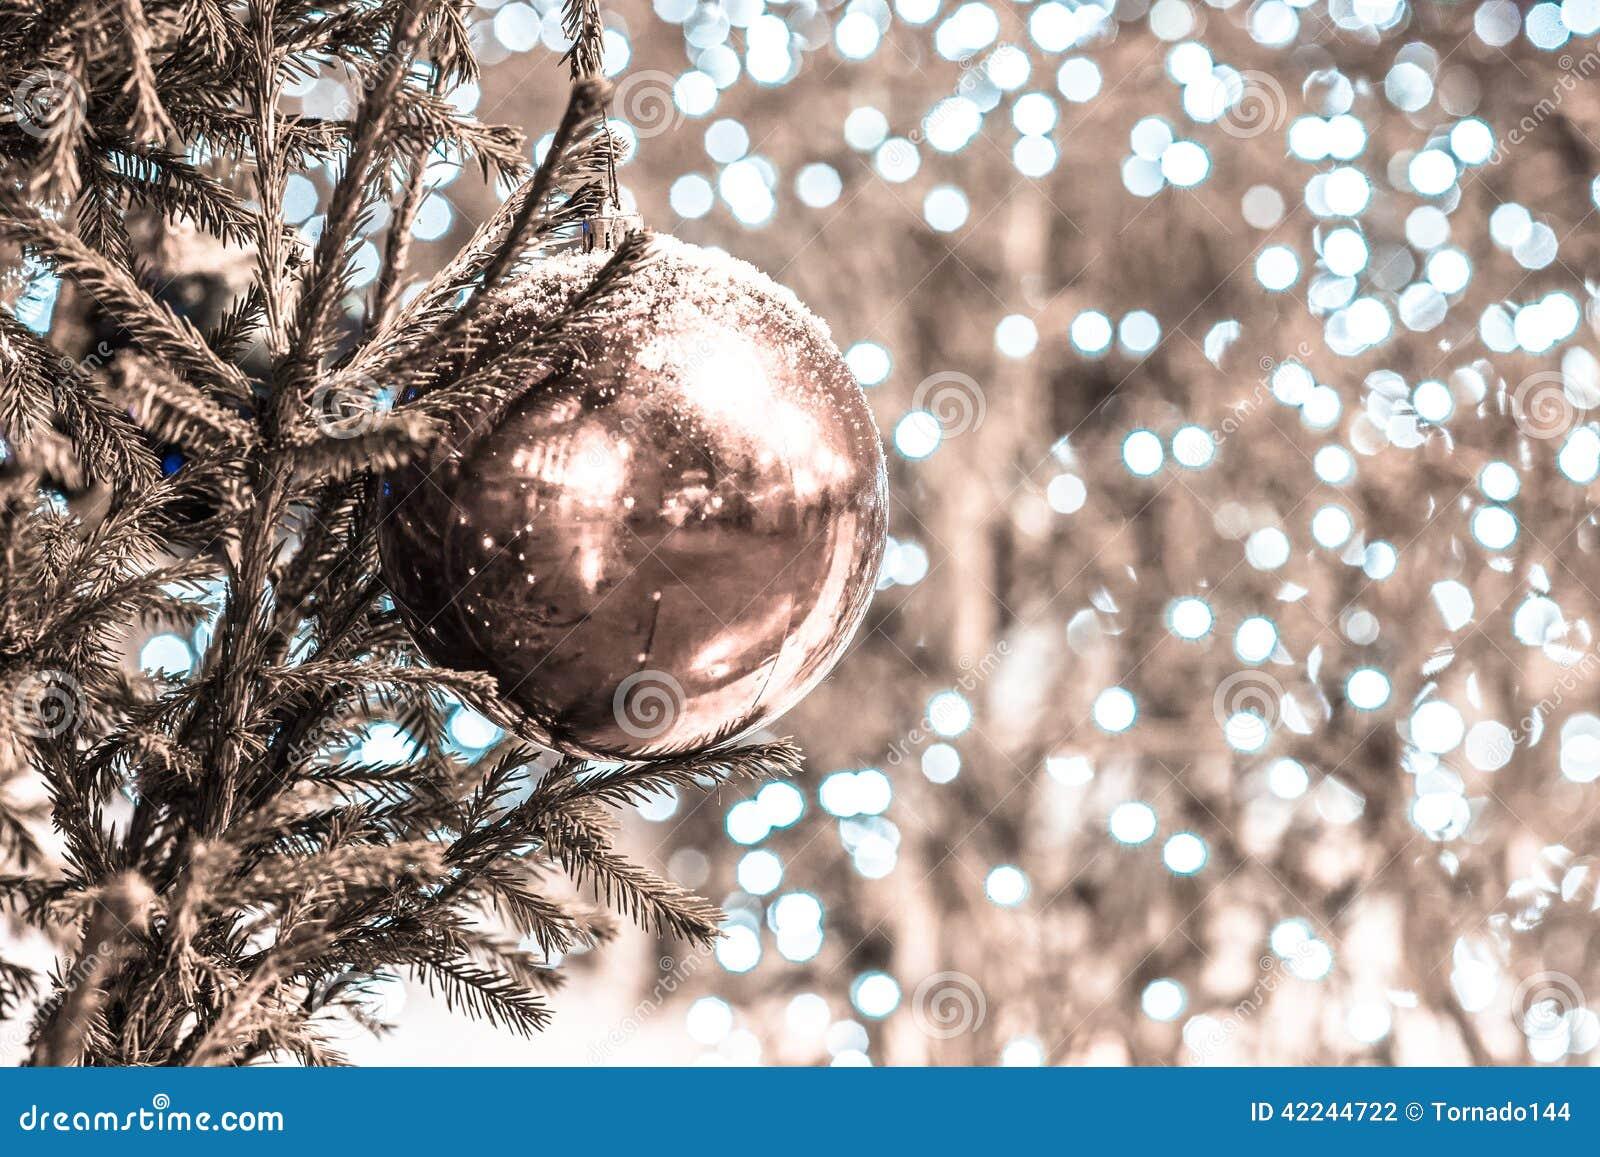 La neige a couvert la boule de décoration sur un arbre de Noël desaturated